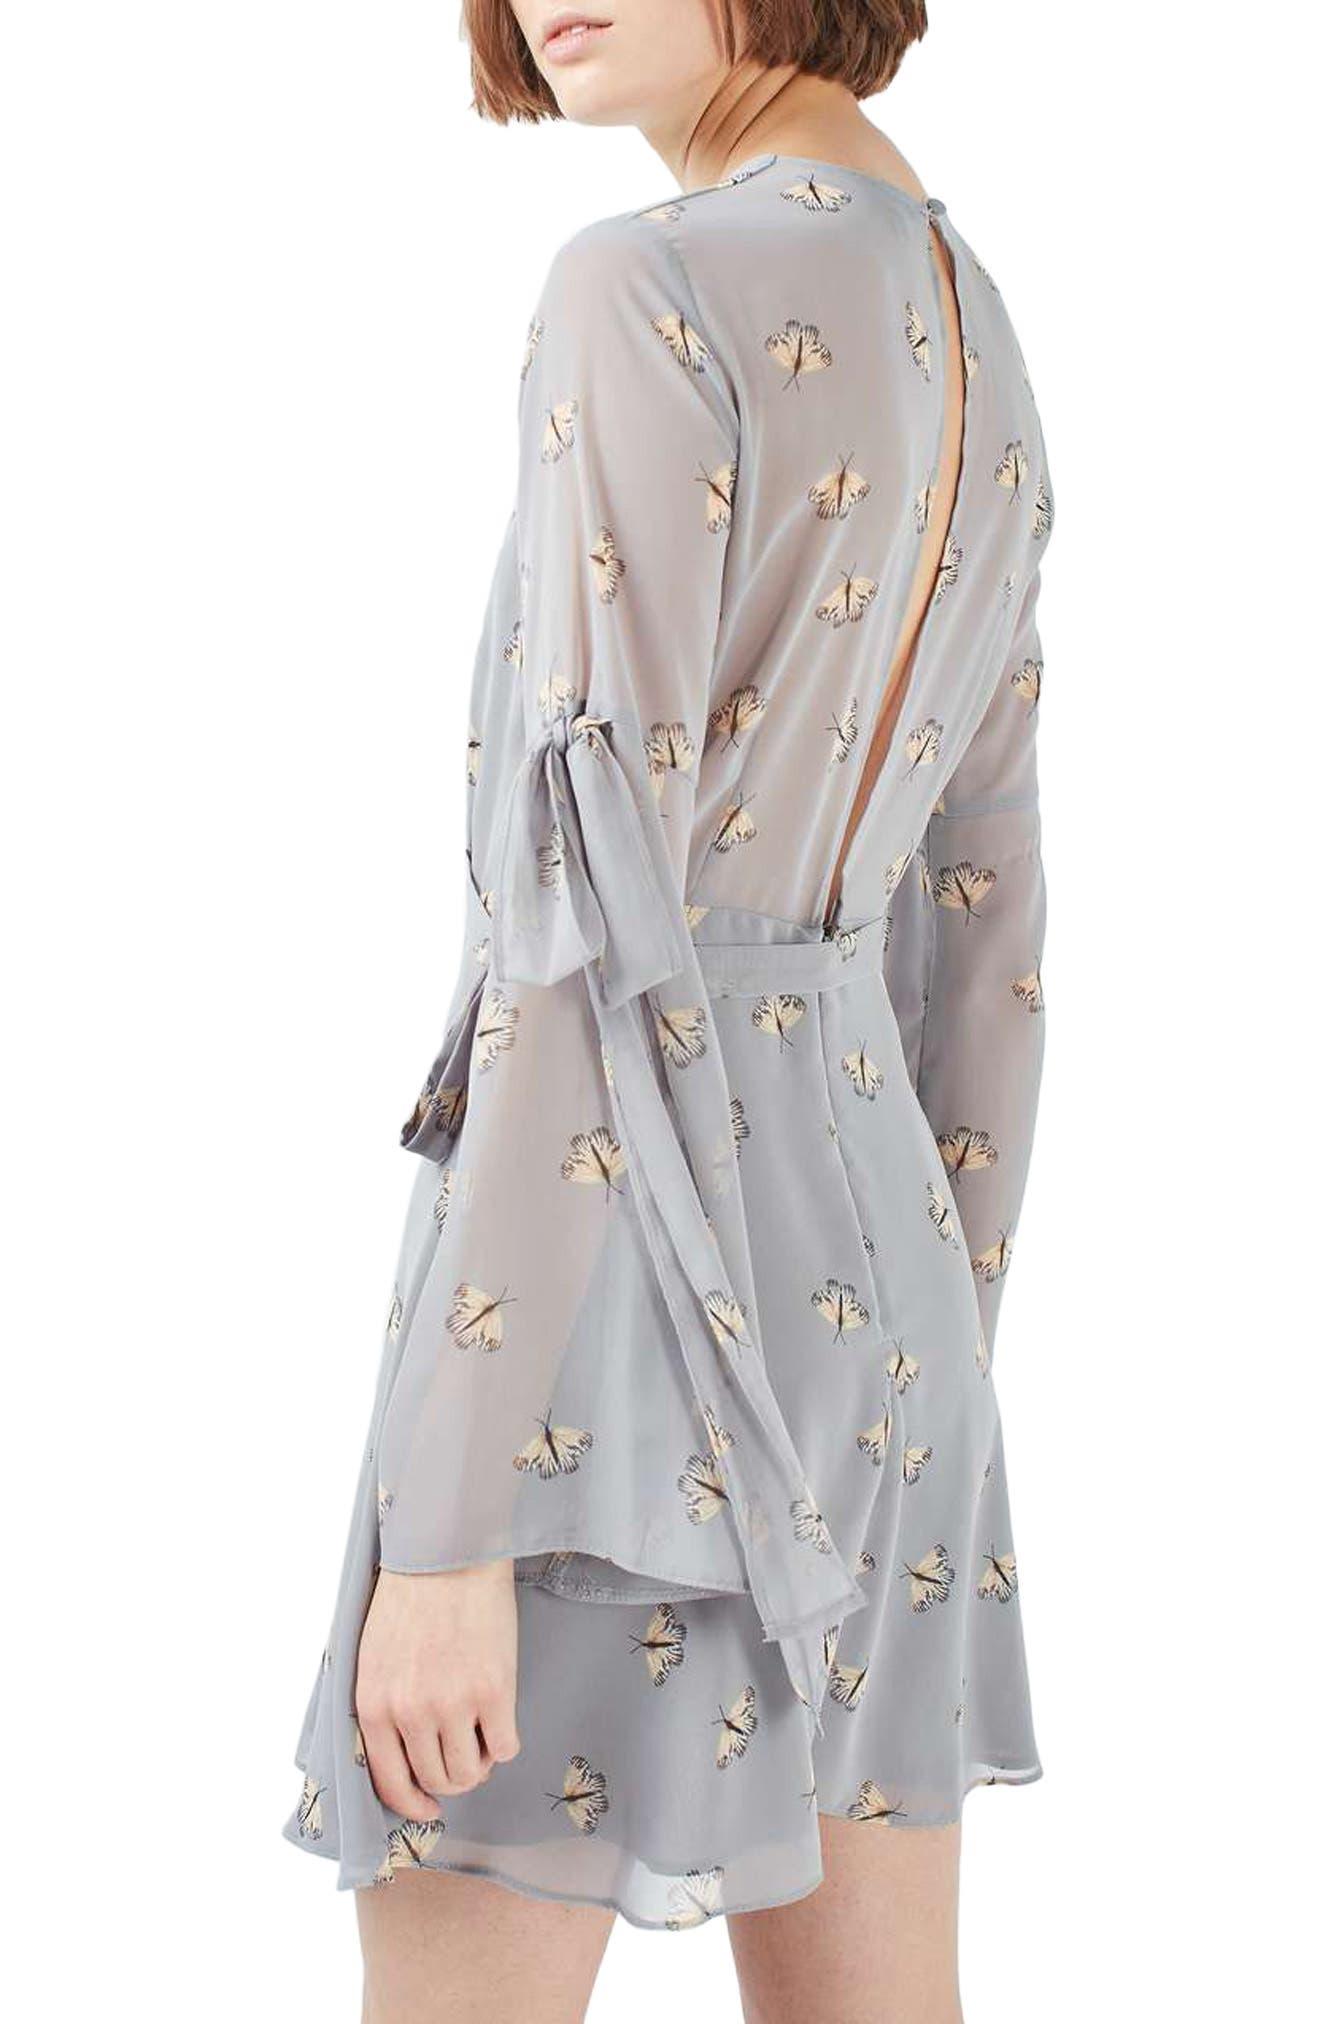 Moth Print Skater Dress,                             Alternate thumbnail 2, color,                             050